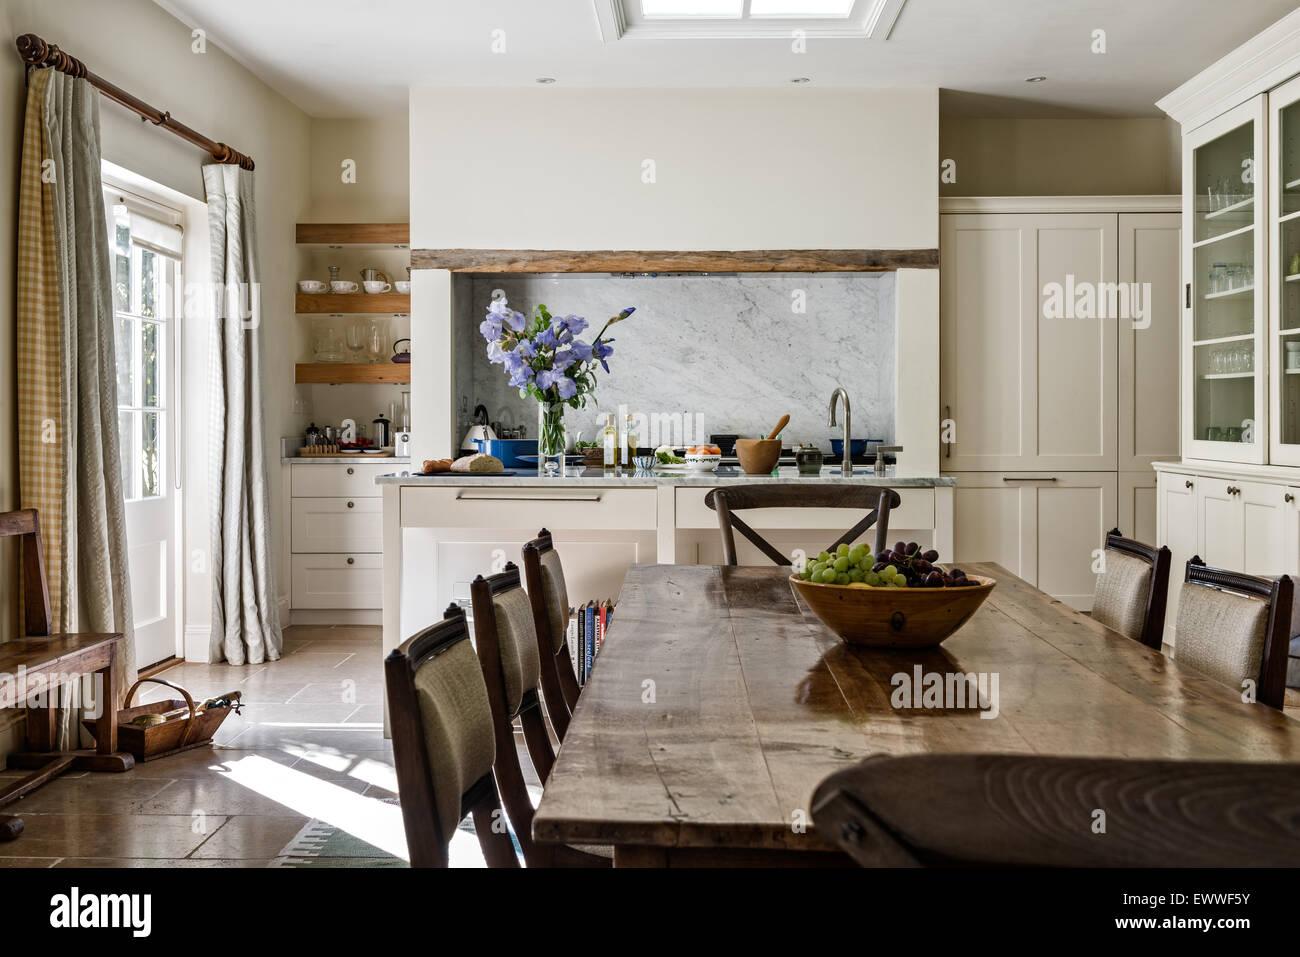 Mesa de comedor con sillas antiguas en cocina abierta, comedor con ...